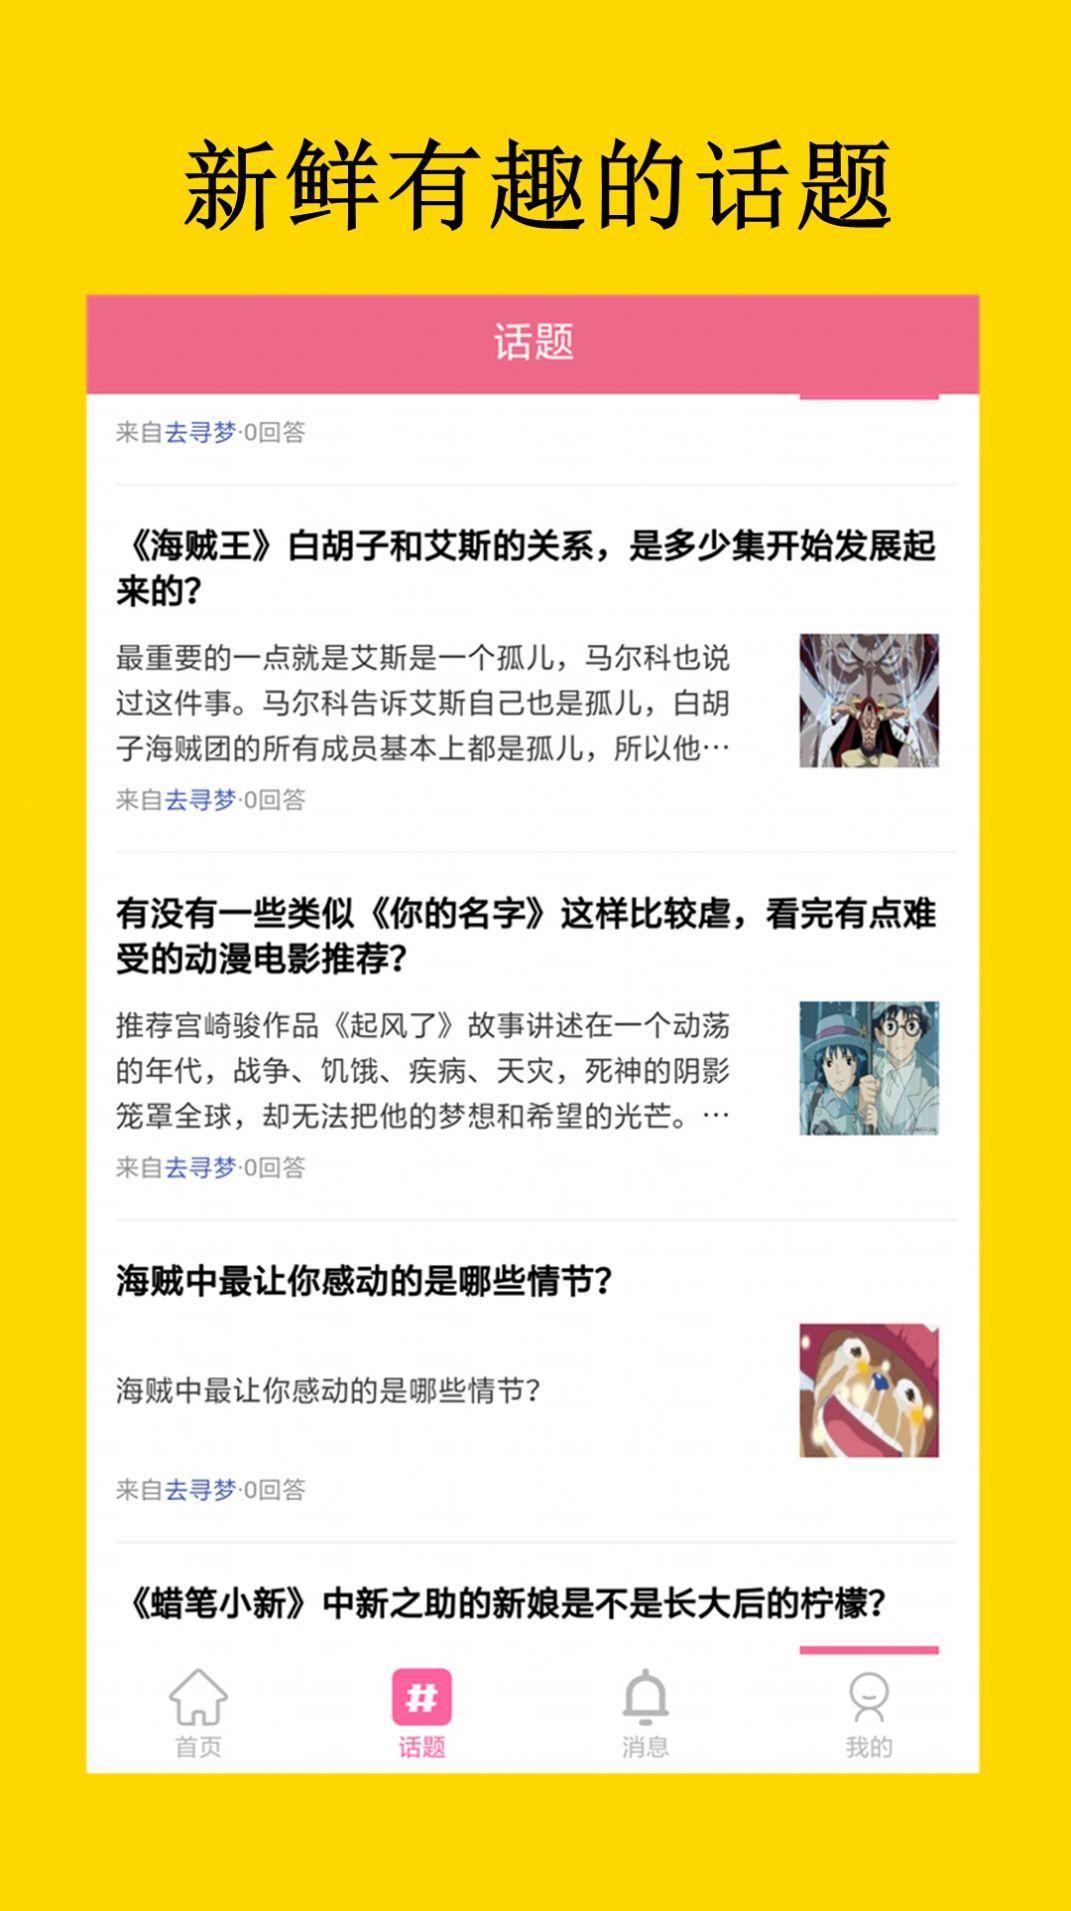 二次元荟APP安卓版图1: